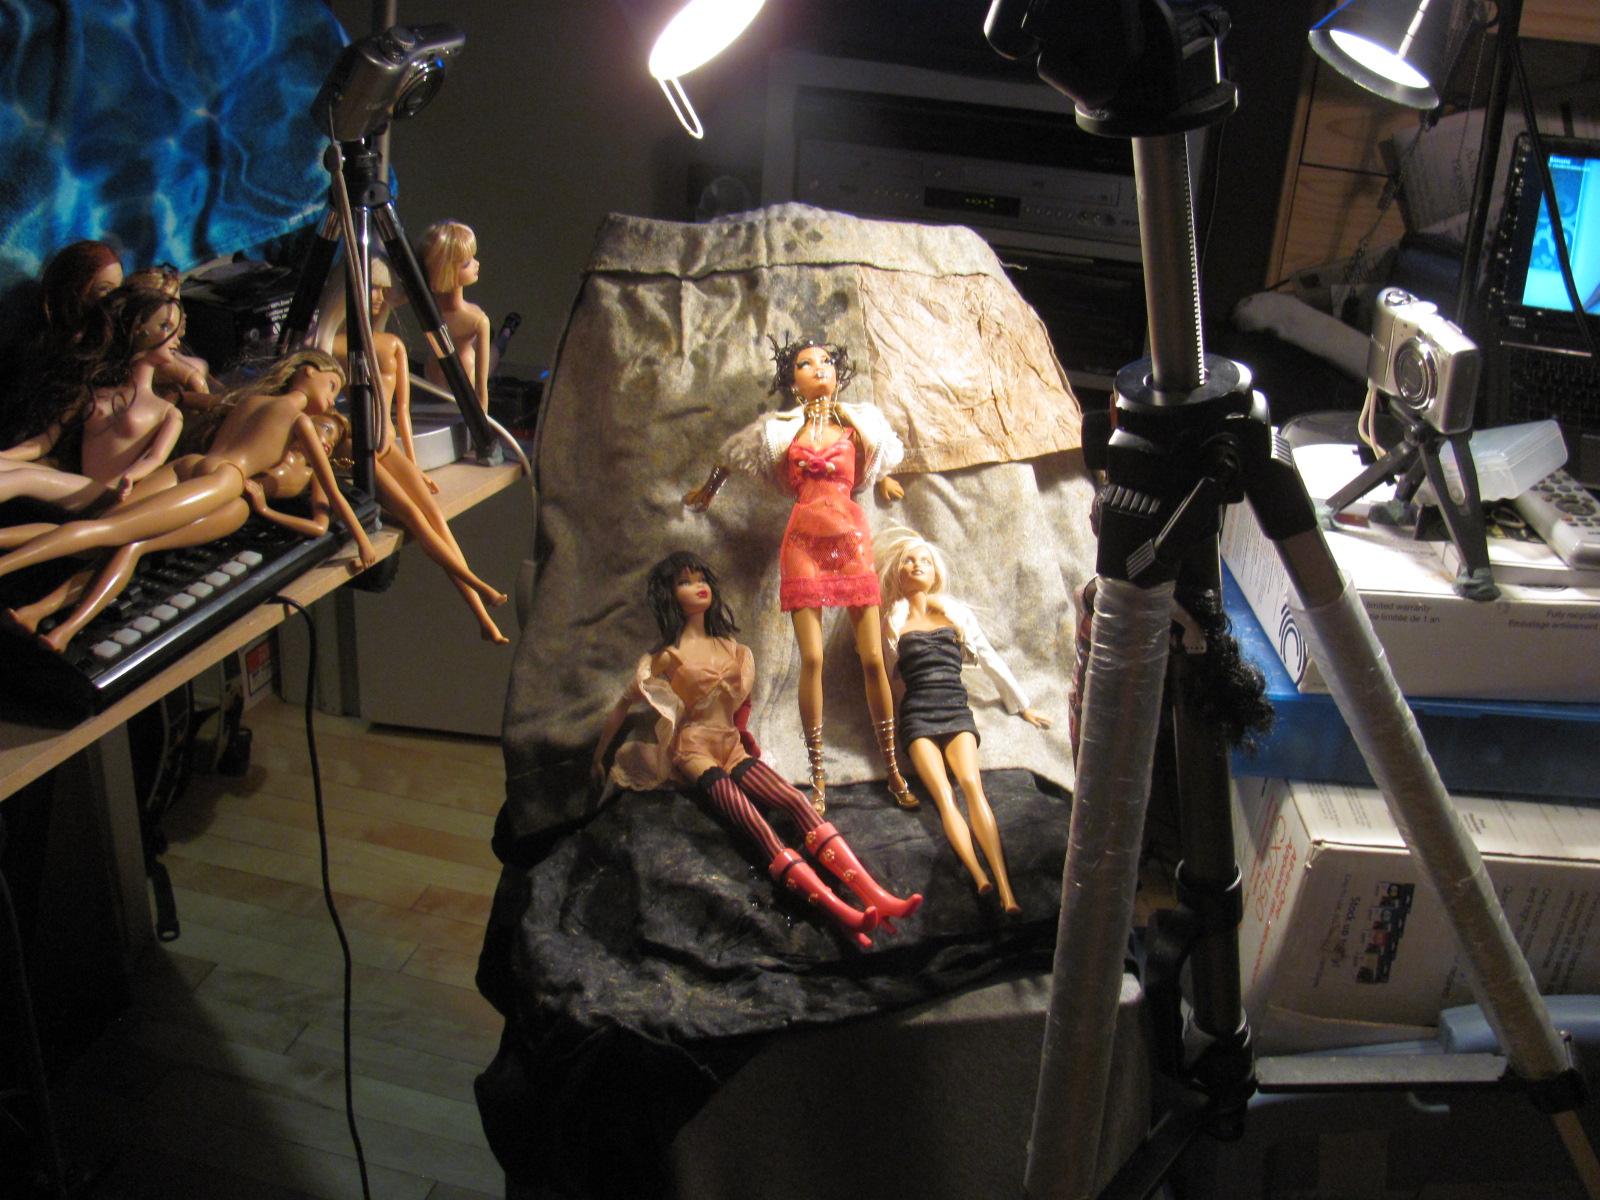 Фото bella moretti, Bella Moretti » Фапабельные голые девушки 13 фотография